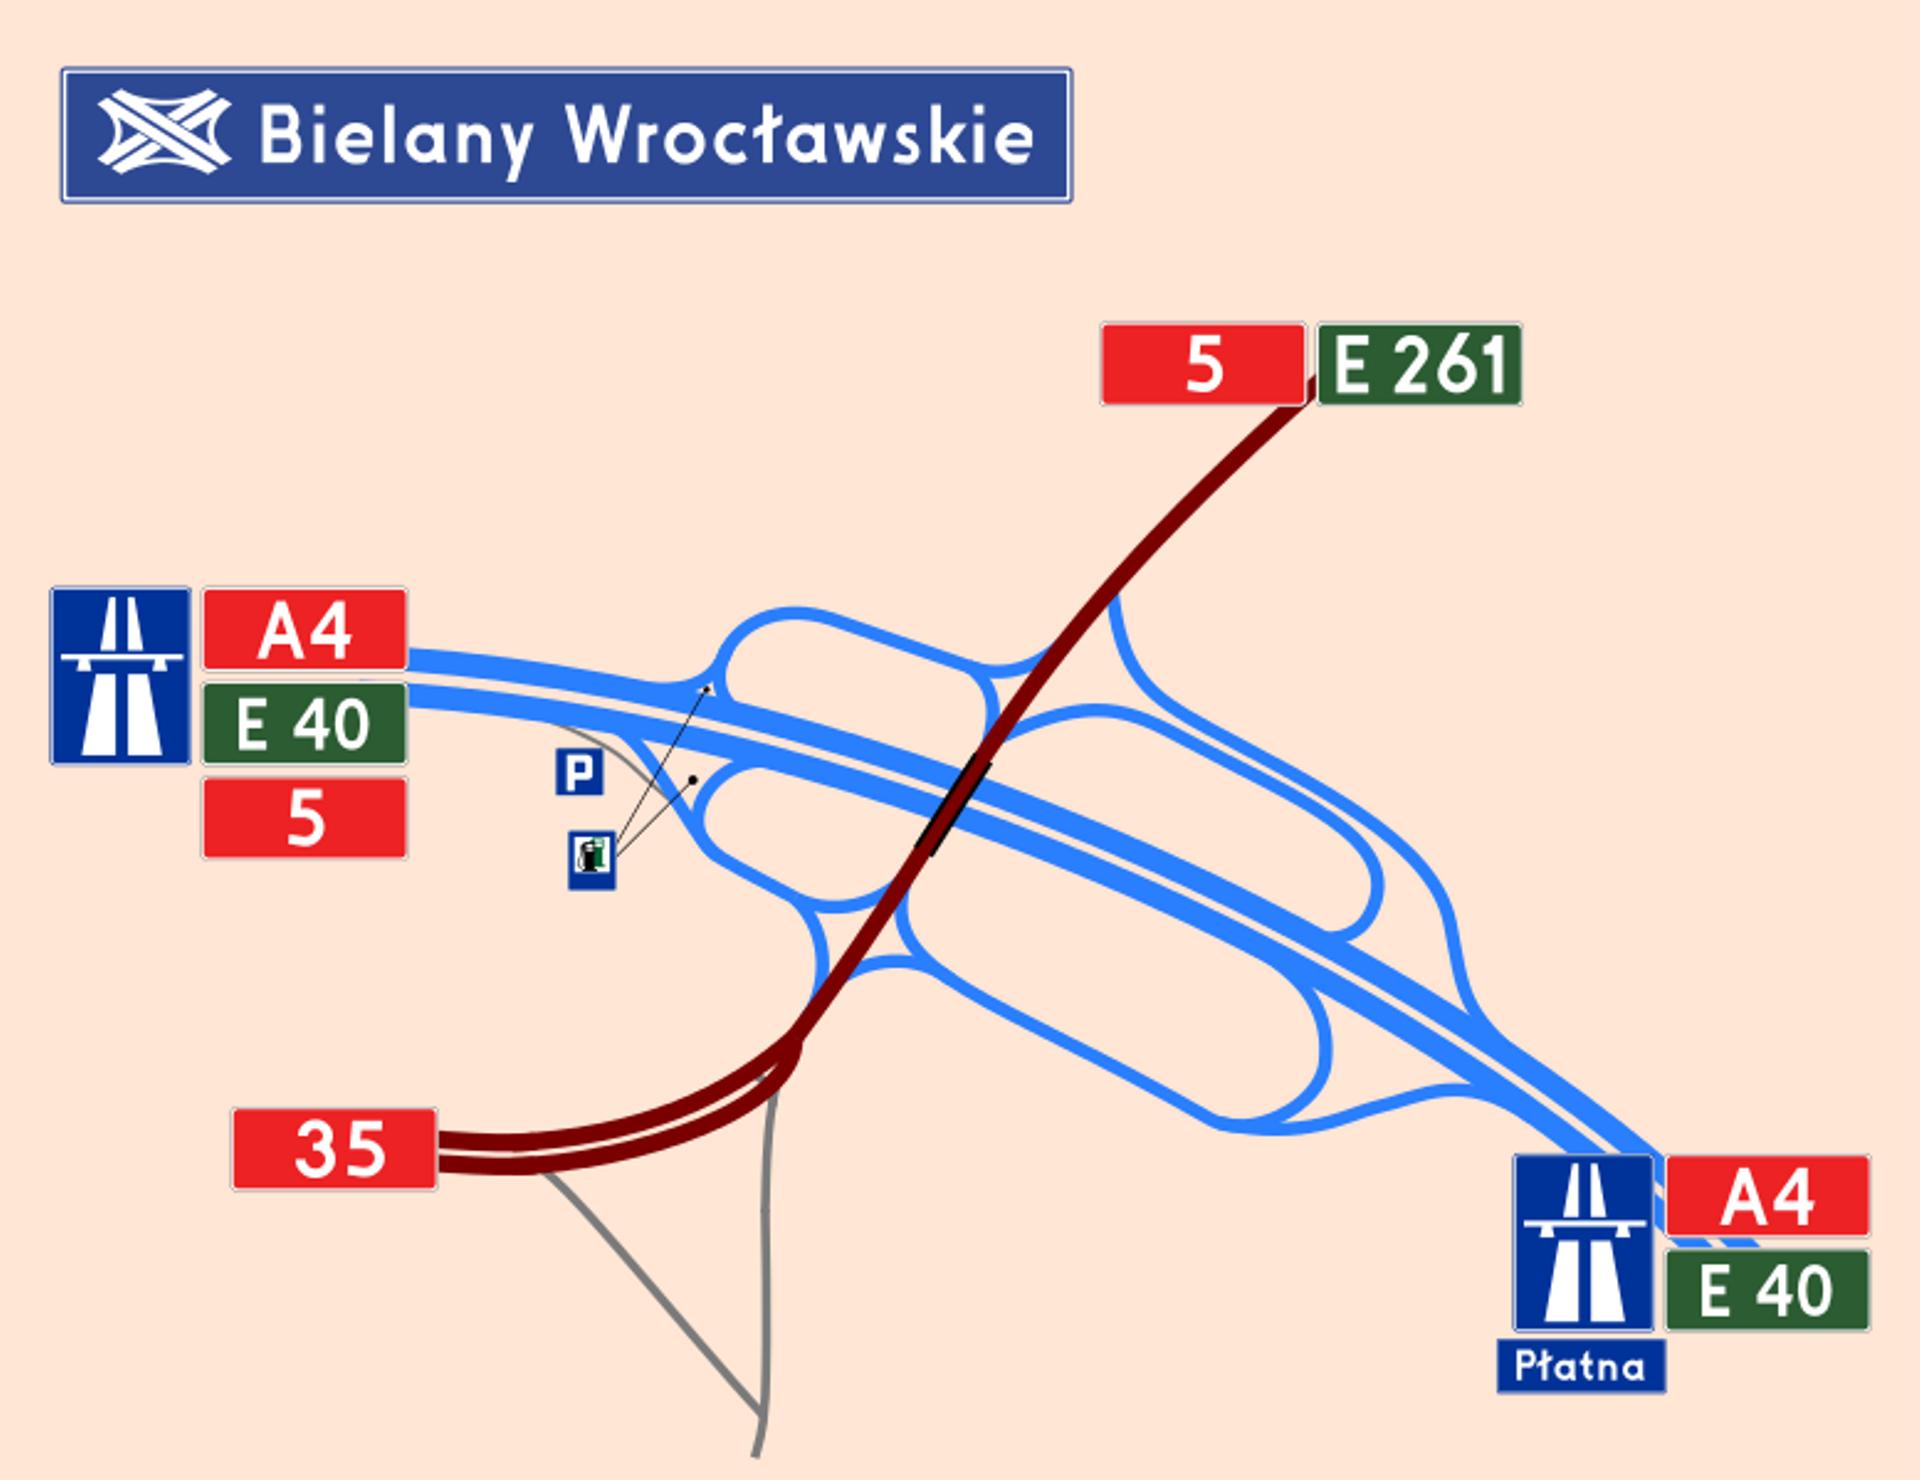 Aglomeracja Wrocławska: Rusza przetarg na remont autostrady A4 pod Wrocławiem